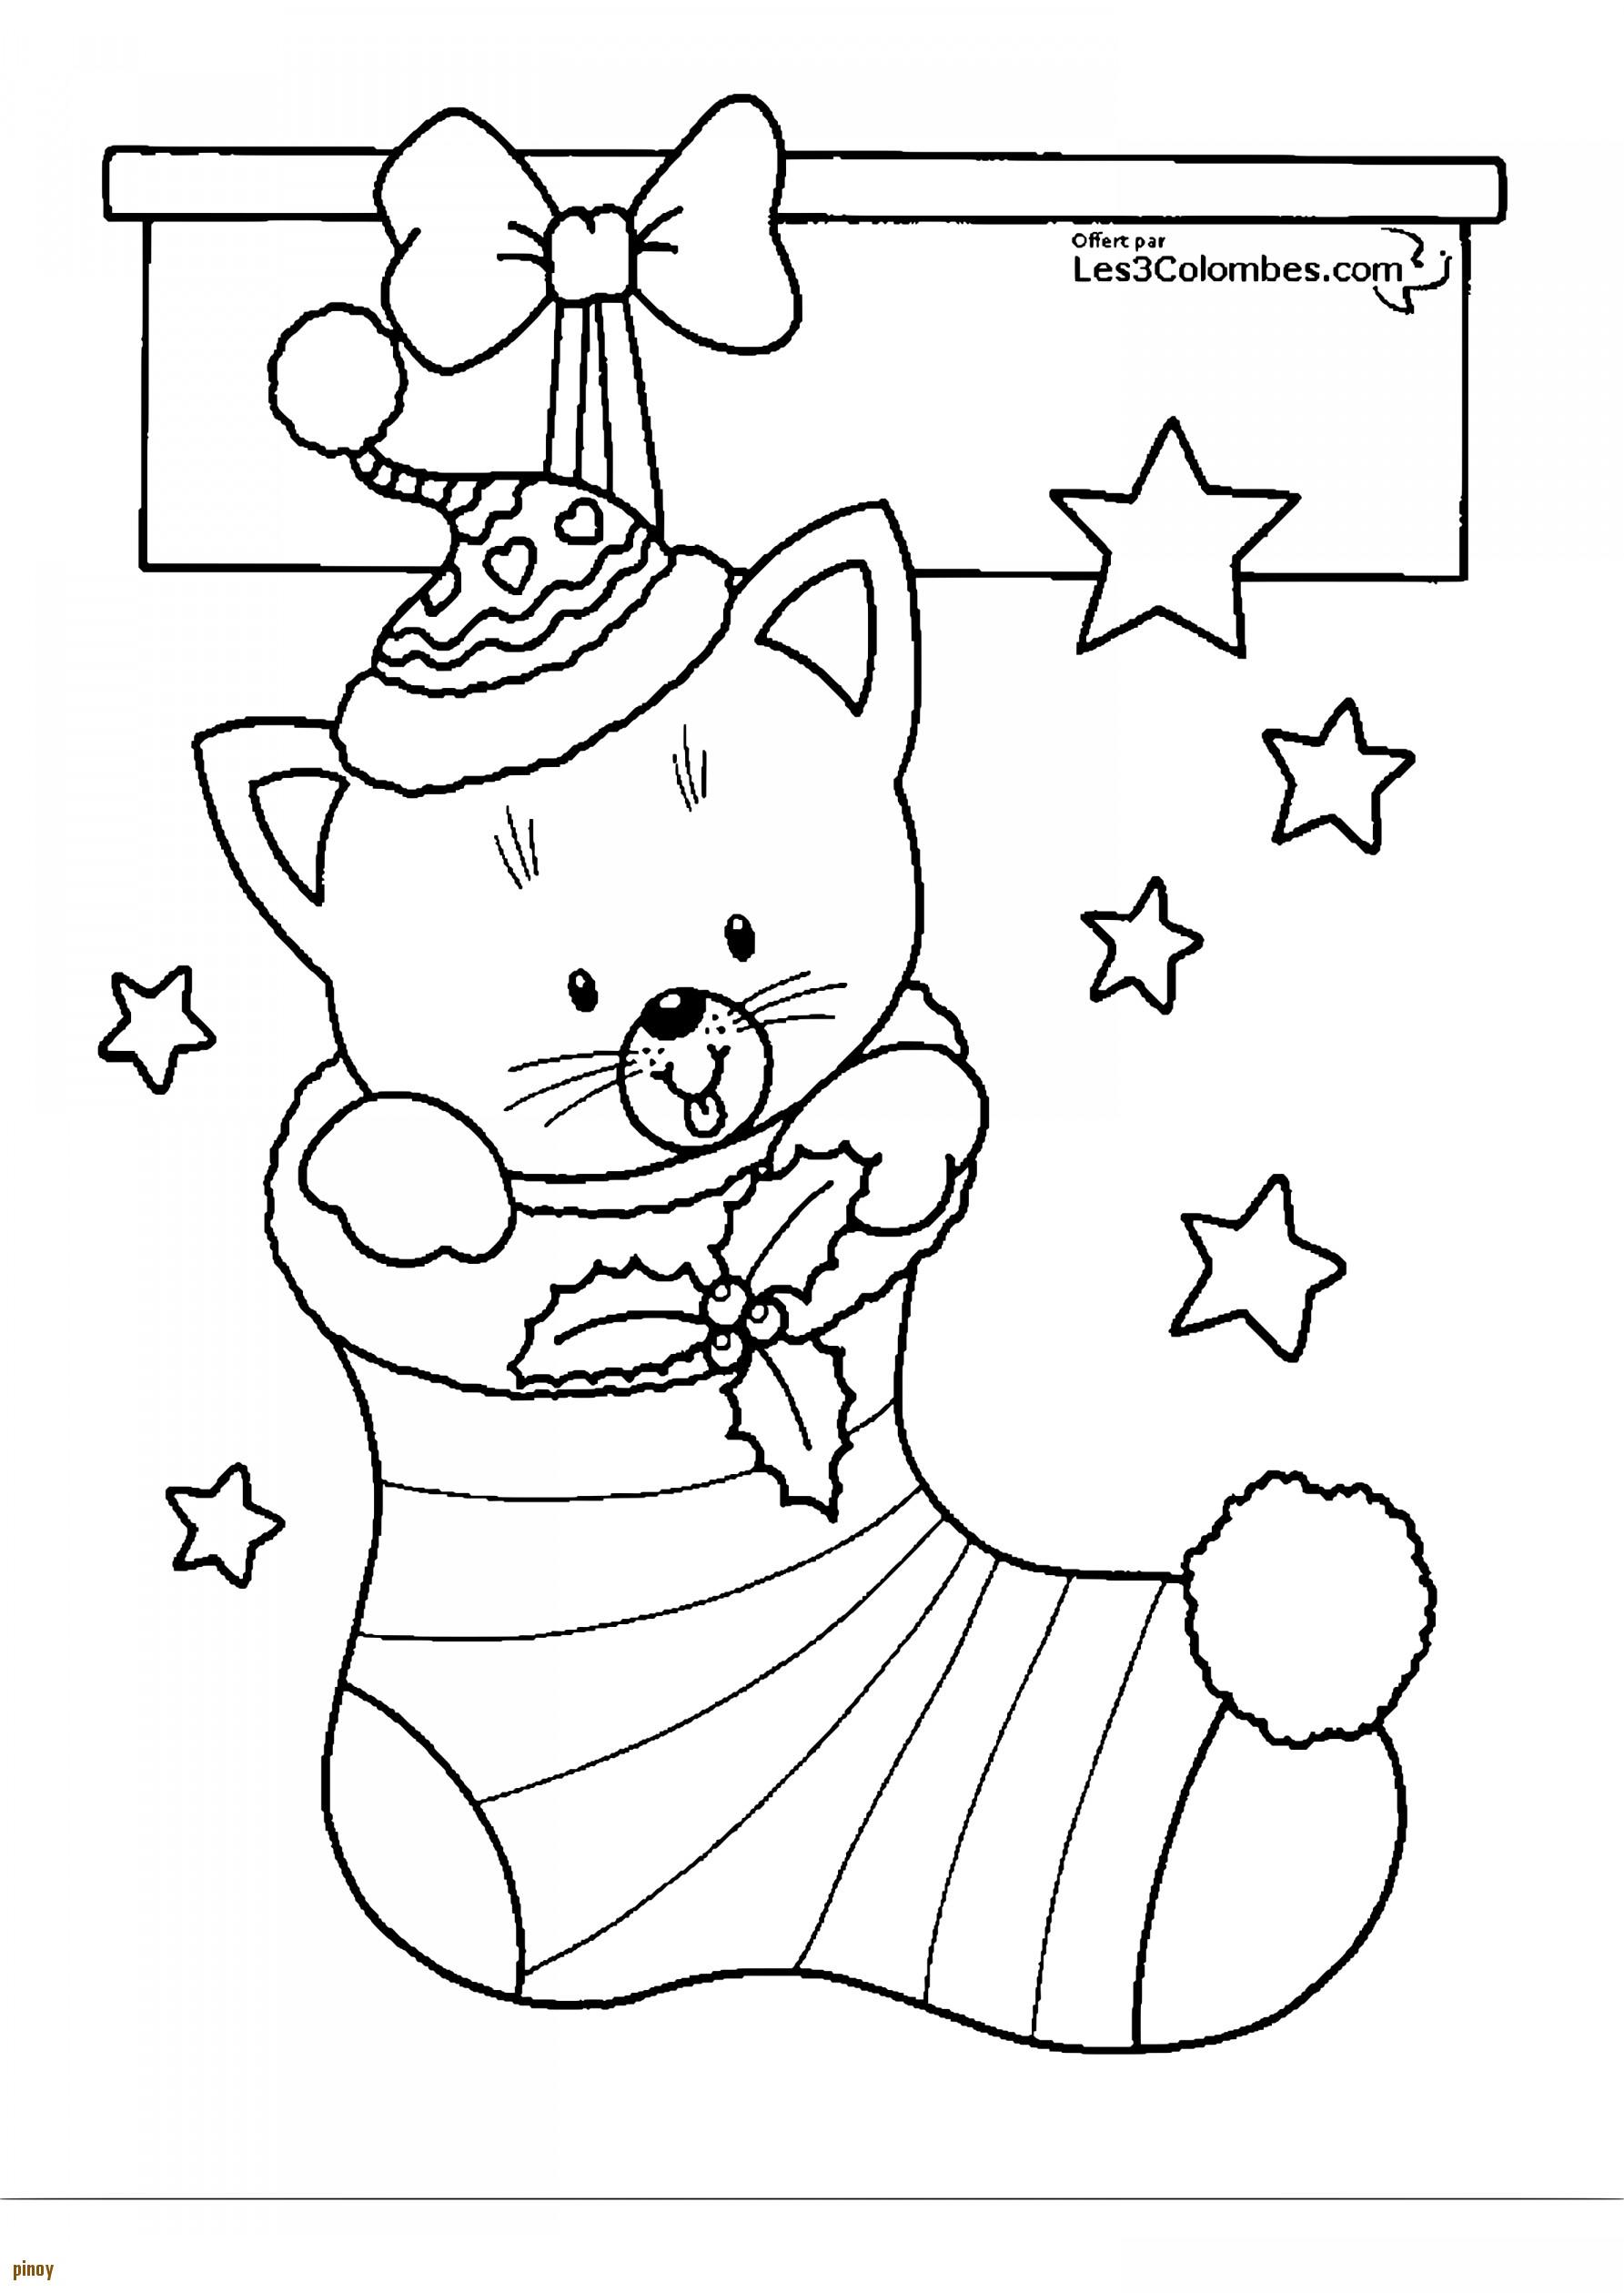 Ausmalbilder Weihnachten Kostenlos Drucken Neu Ausmalbilder Weihnachten Mandala Das Bild